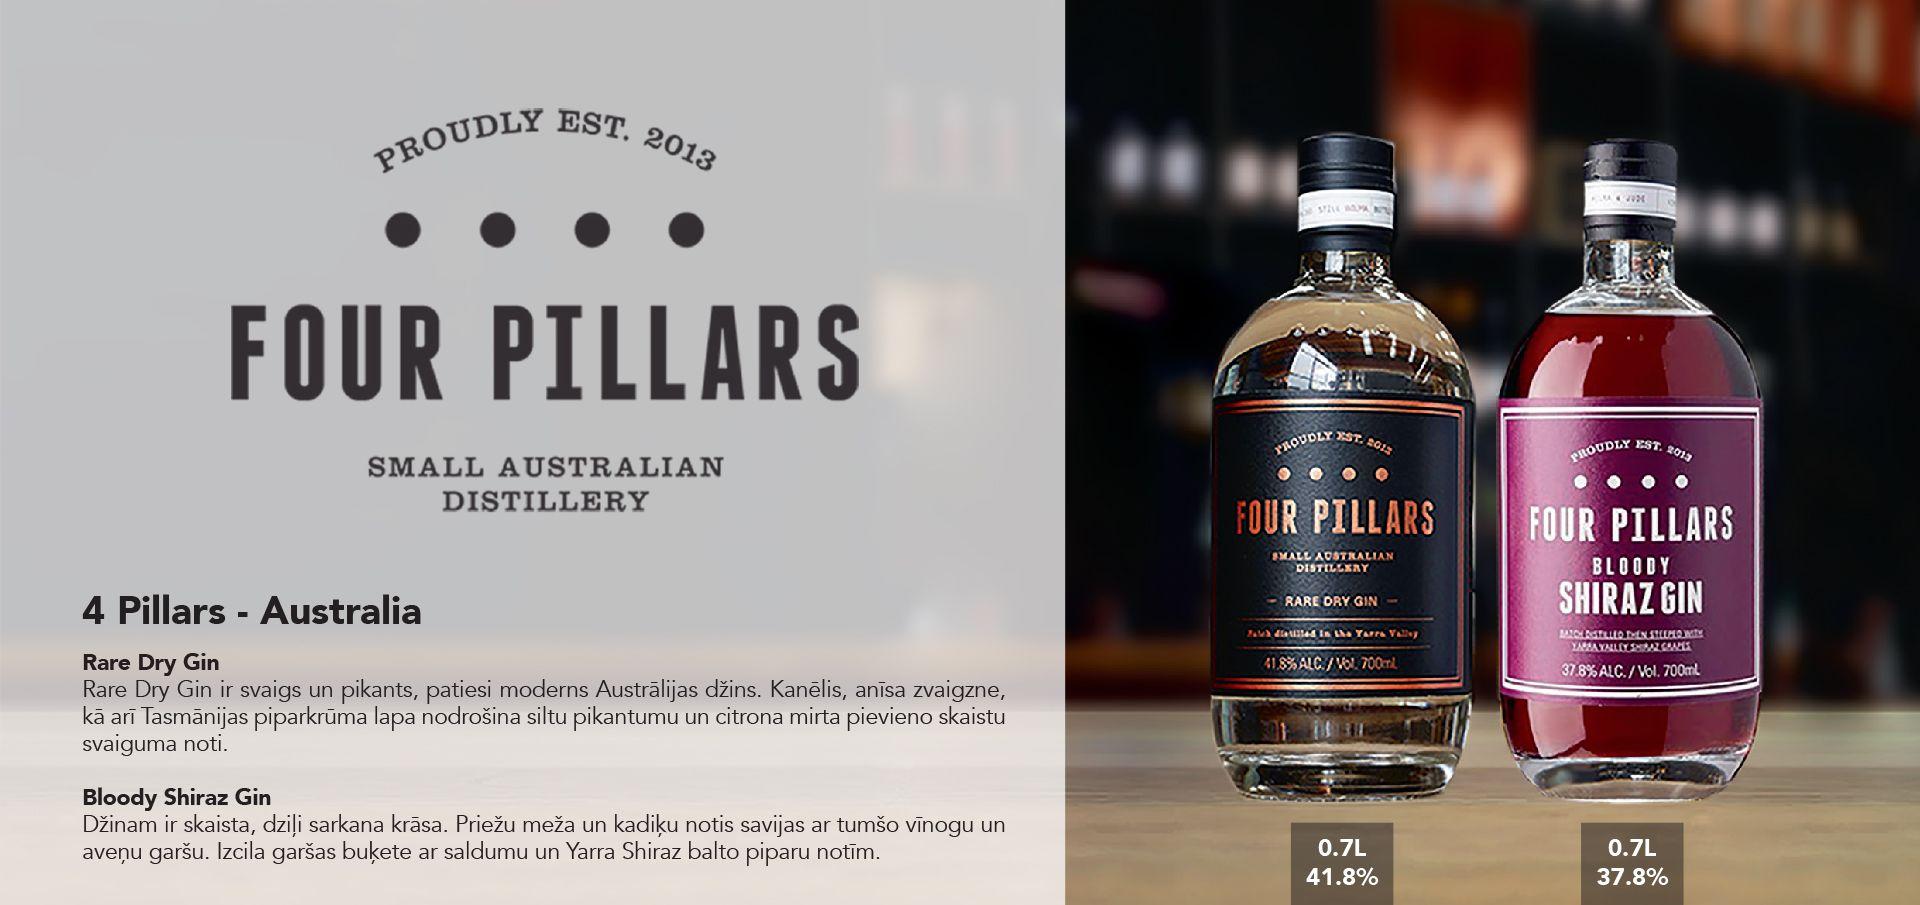 4 Pillars - Australia